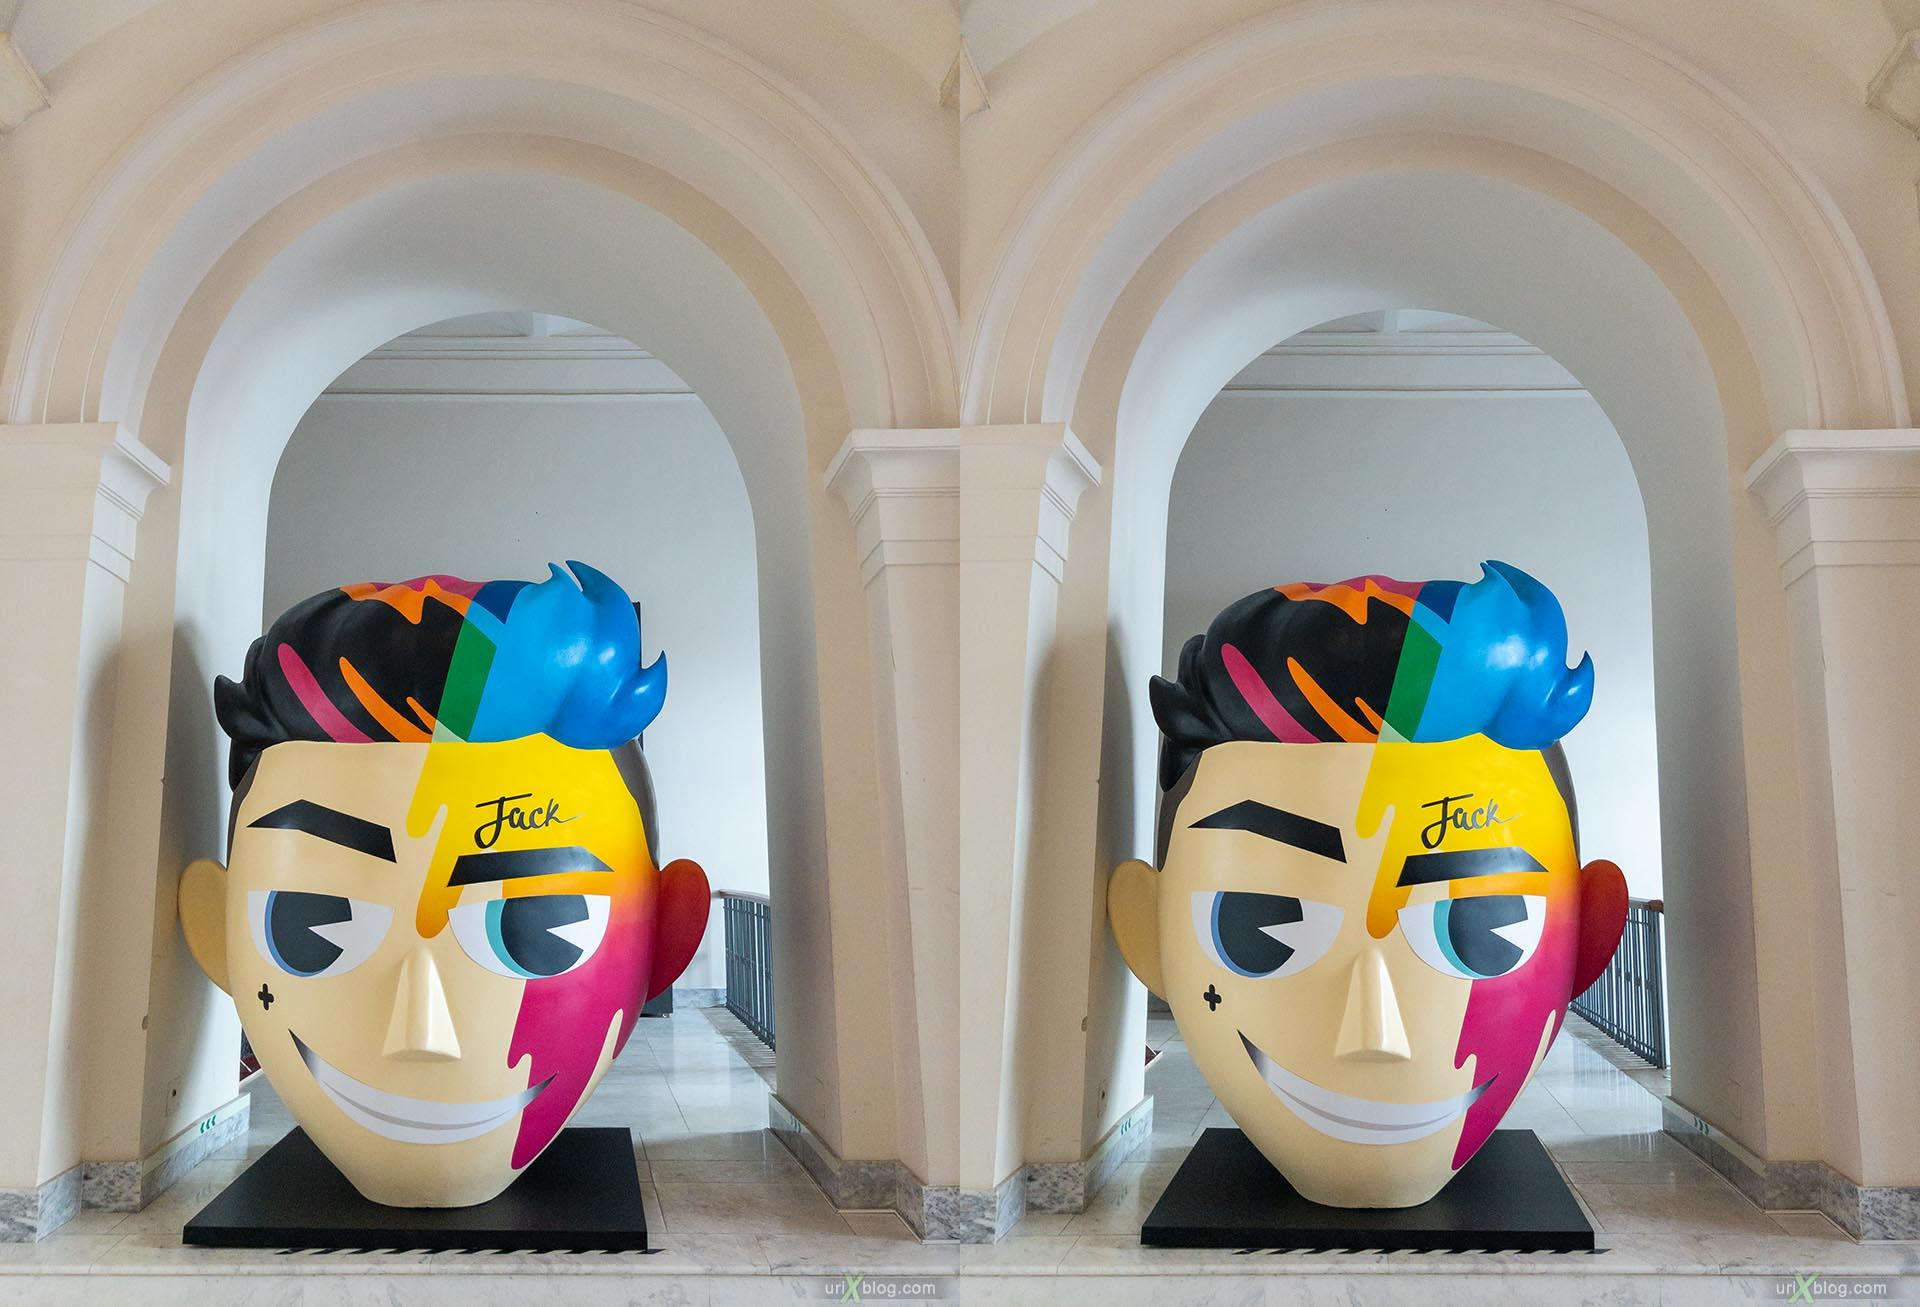 голова, jack, Государственный исторический музей, Москва, Россия, 3D, перекрёстная стереопара, стерео, стереопара